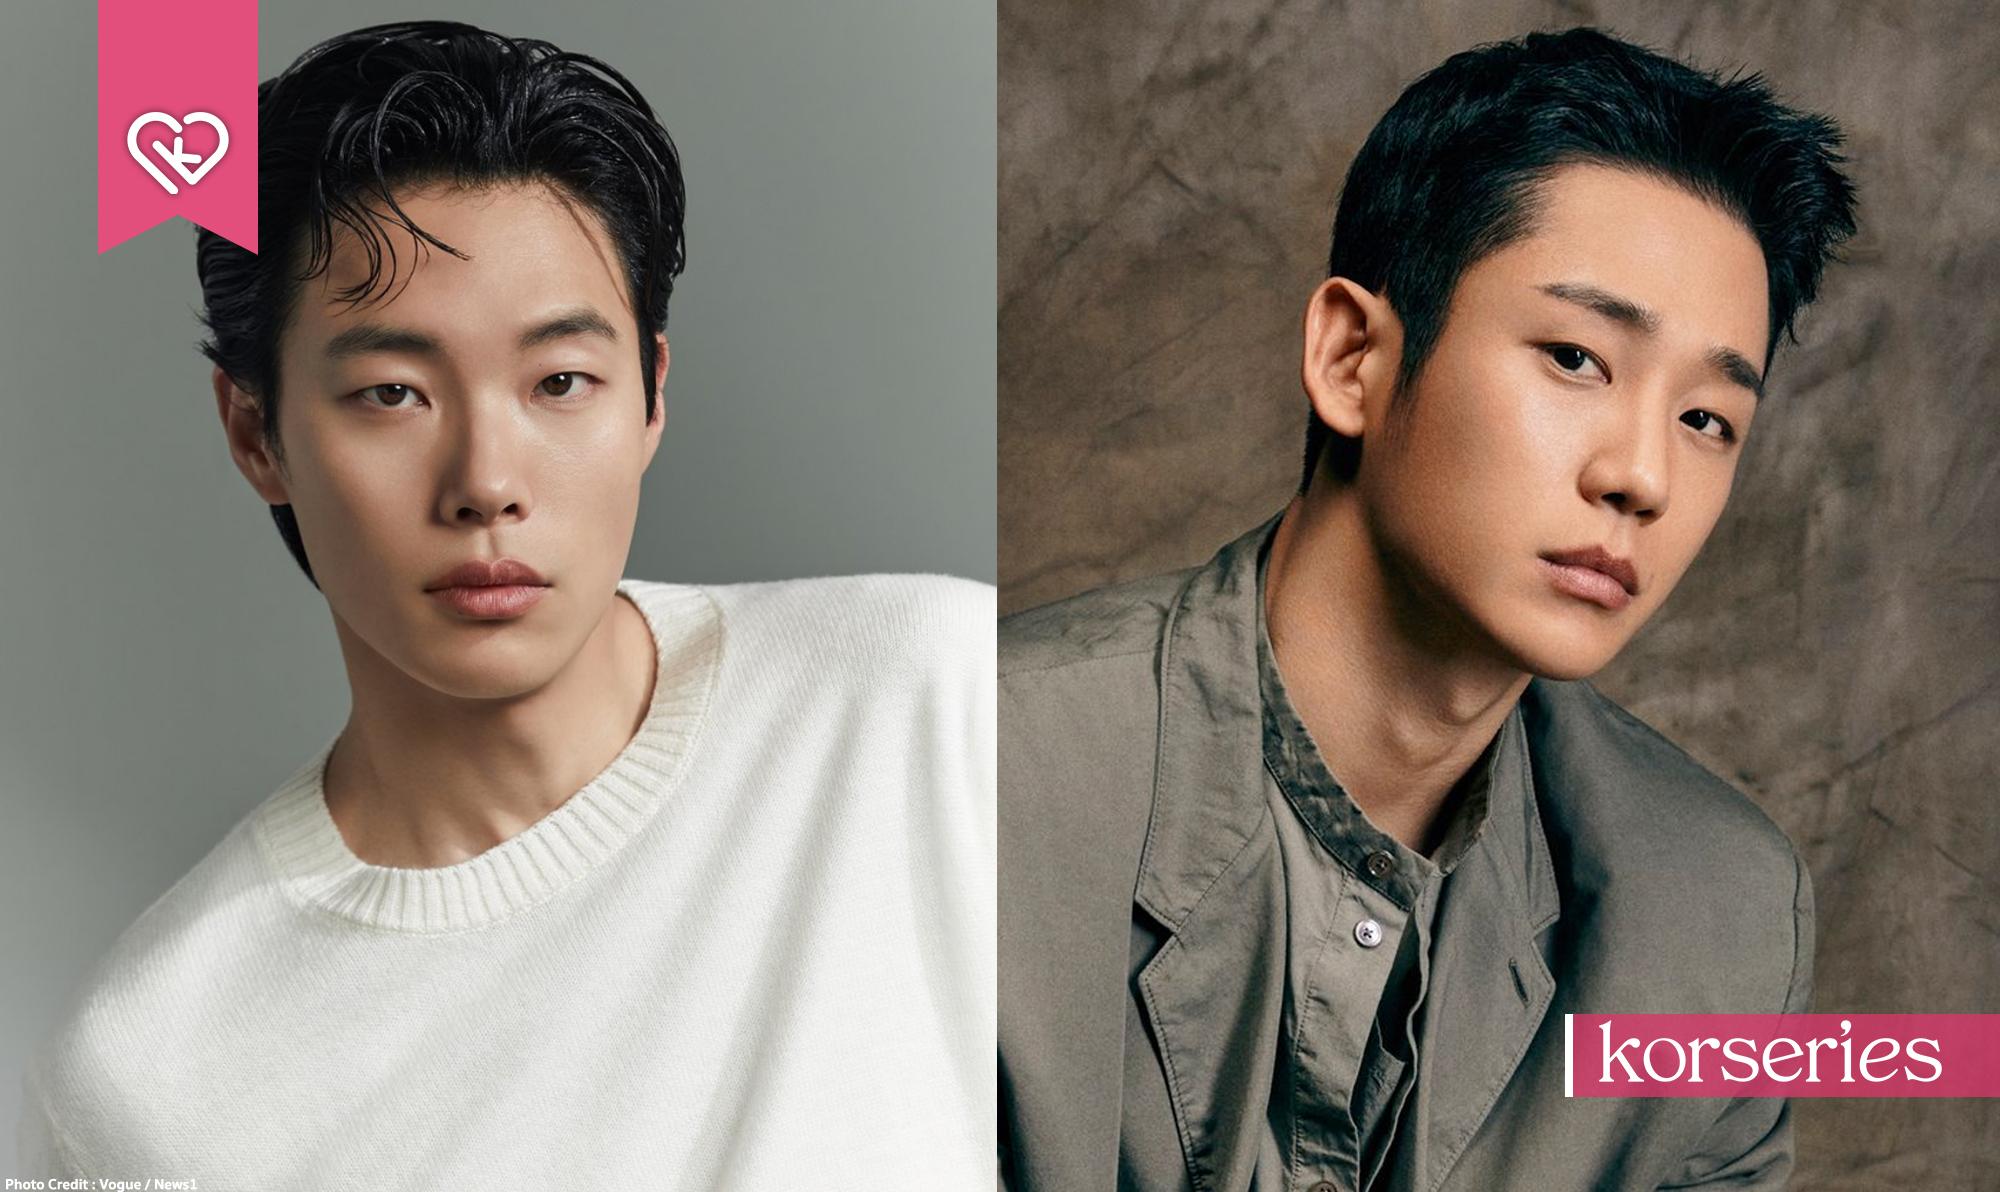 รยูจุนยอล ลุ้นร่วมงาน จองแฮอิน พิจารณาบทนำในซีรีส์ 'Connect' ผลงานใหม่จาก ทาเคชิ มิอิเกะ